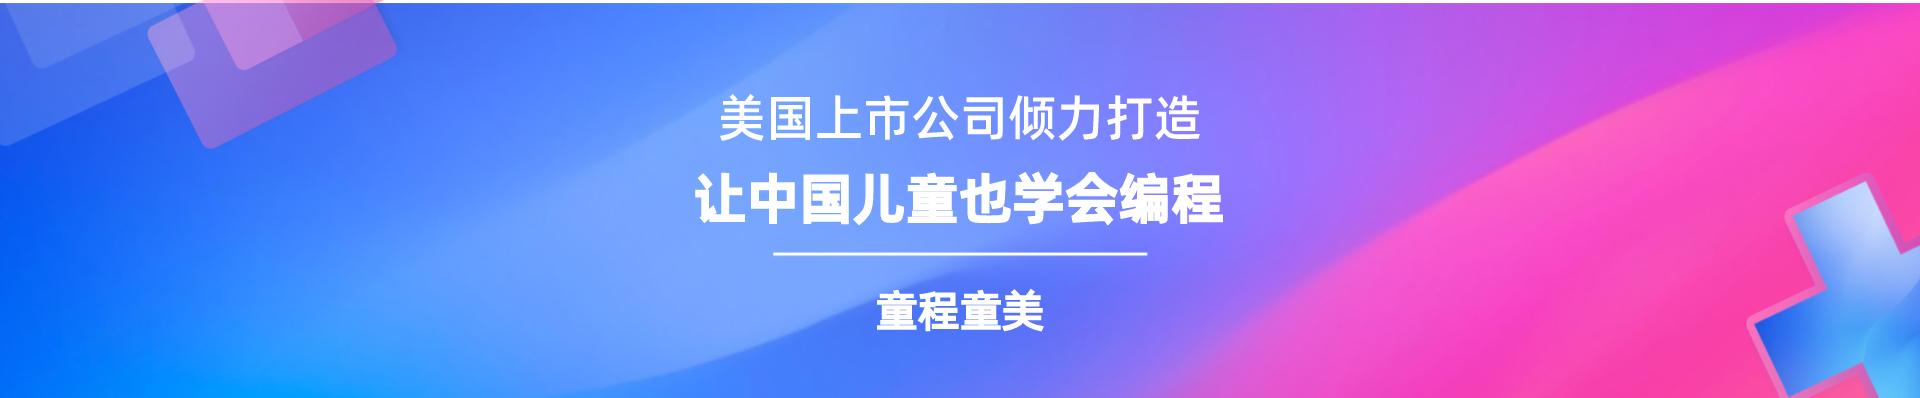 深圳宝安童程童美少儿编程培训